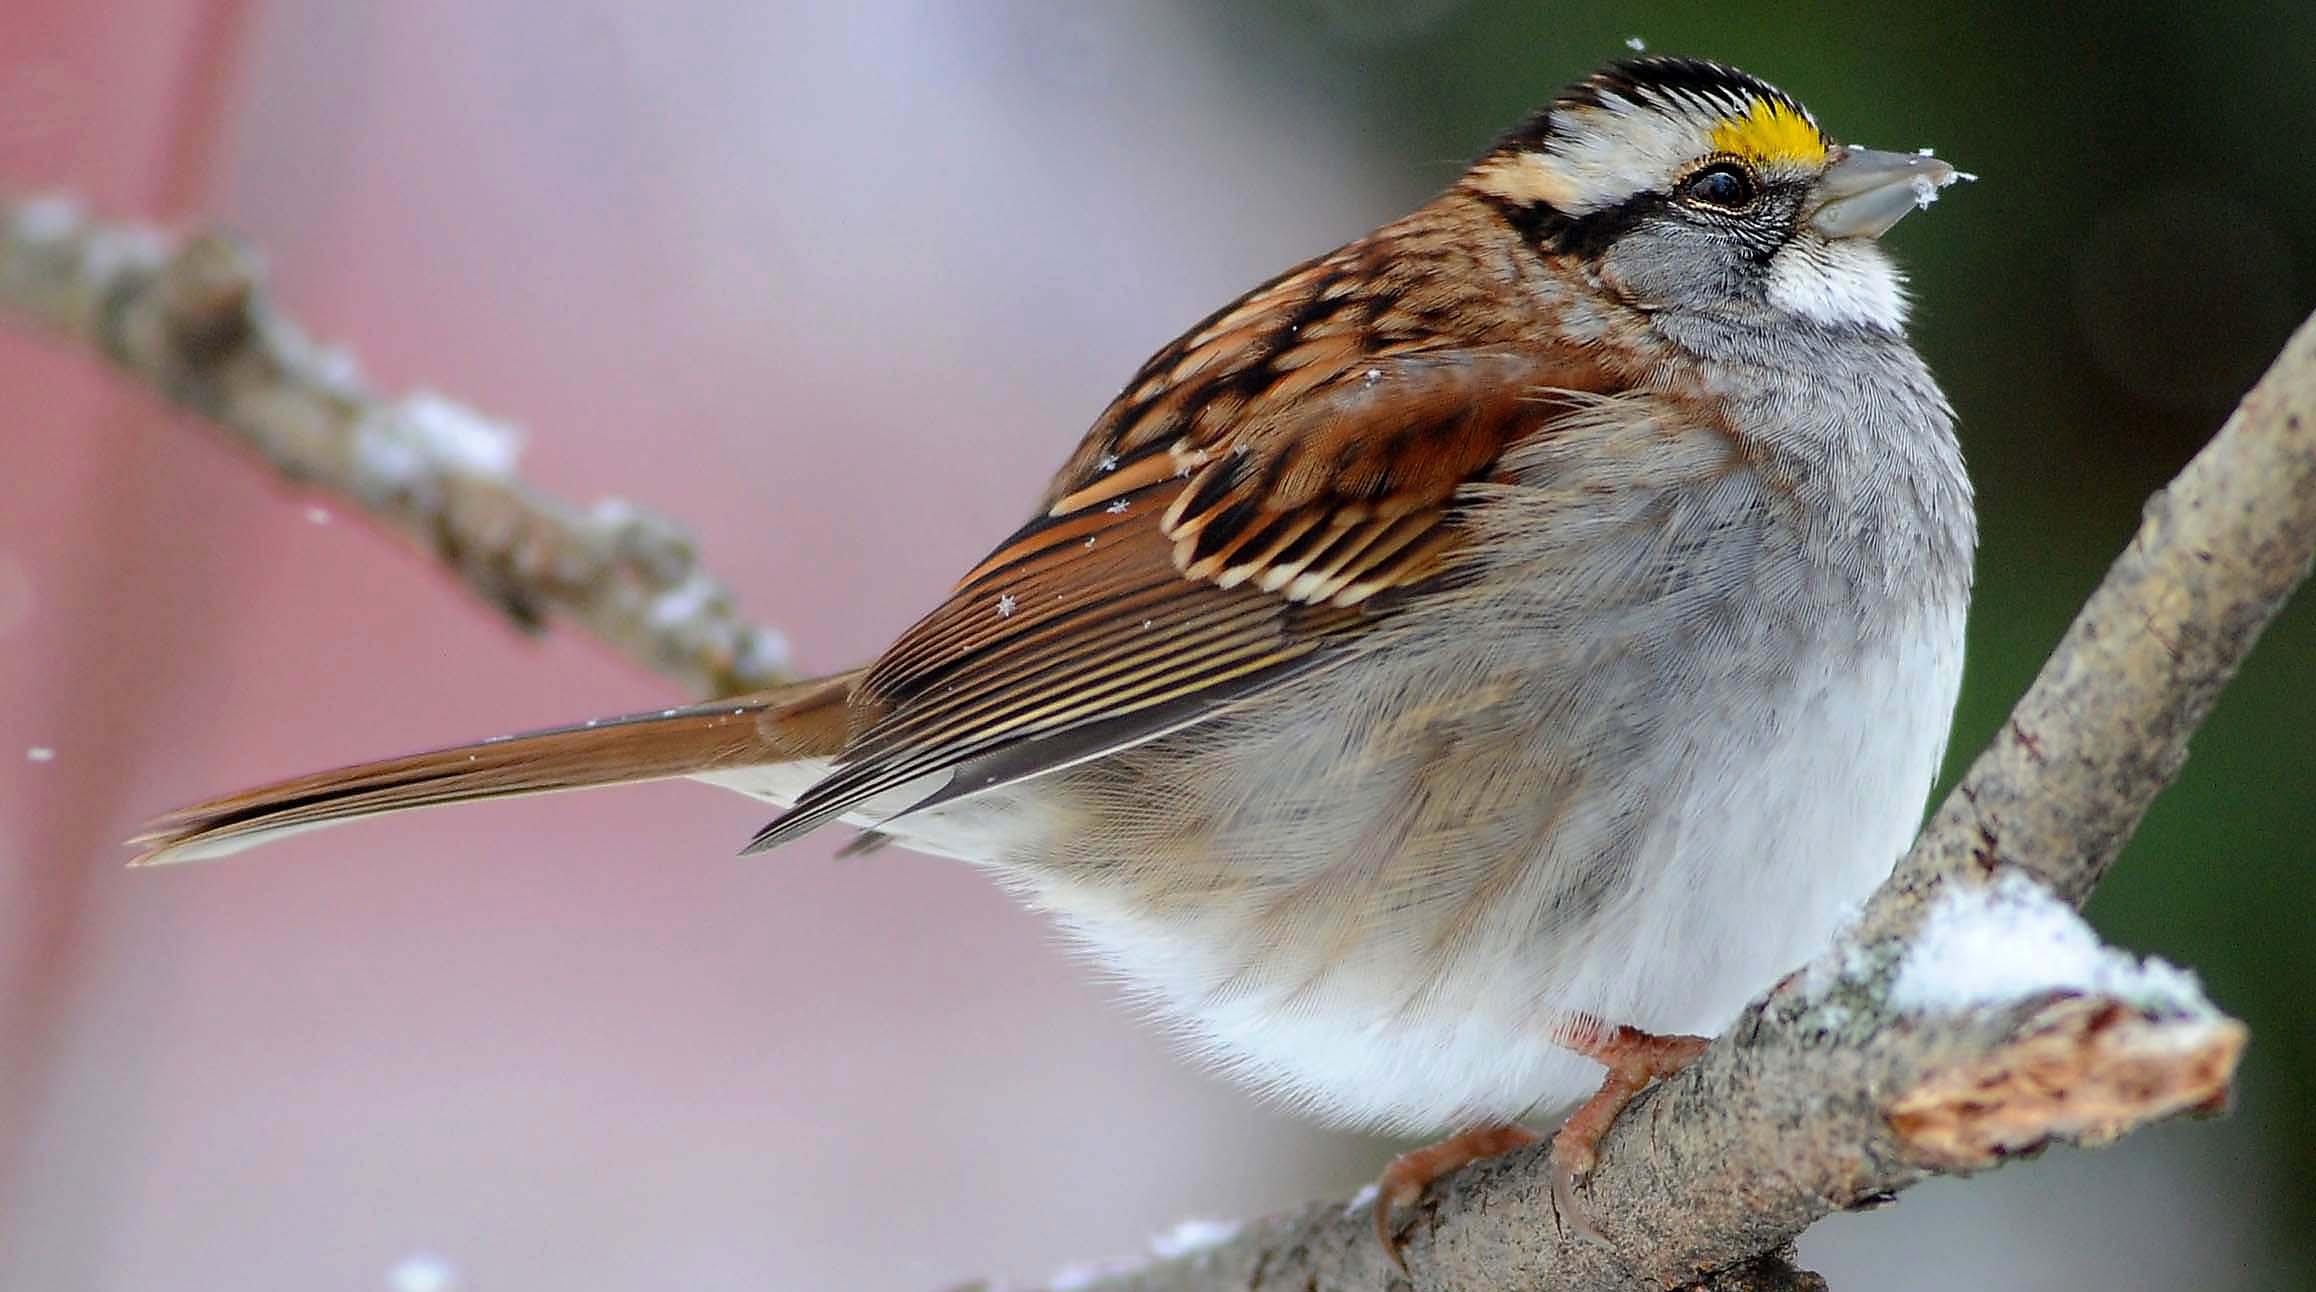 Birds seek out backyard feeders in winter